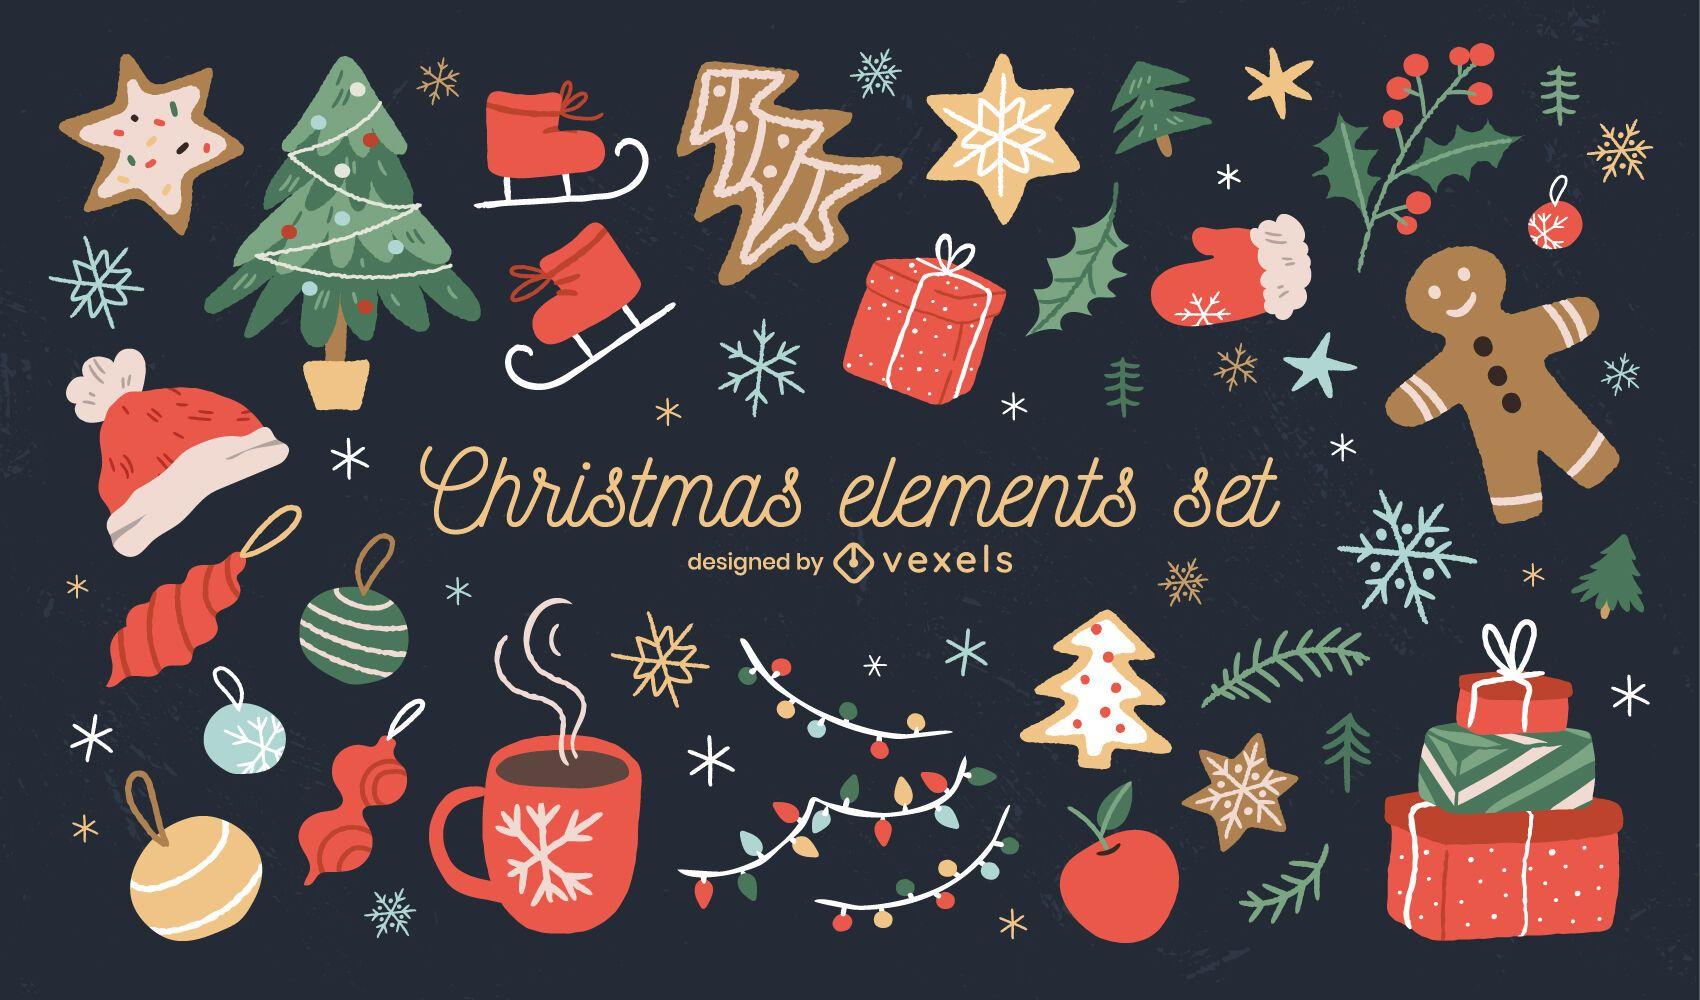 Christmas elements holiday illustration set